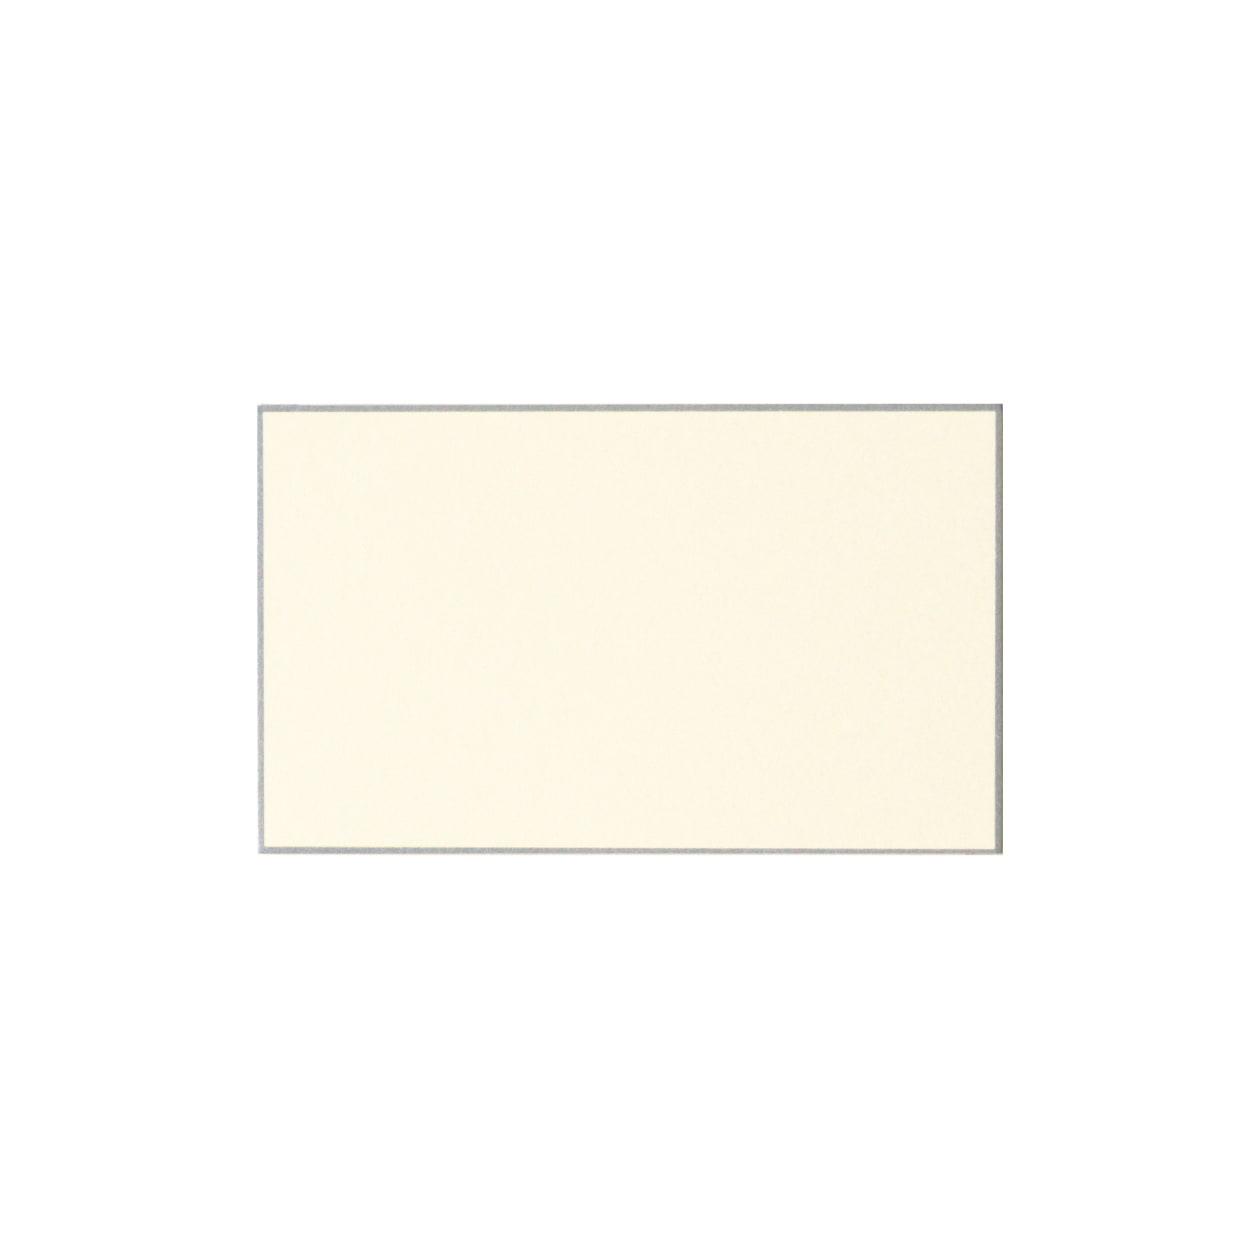 No.57ボーダード ネームカード シルバー 232.8g